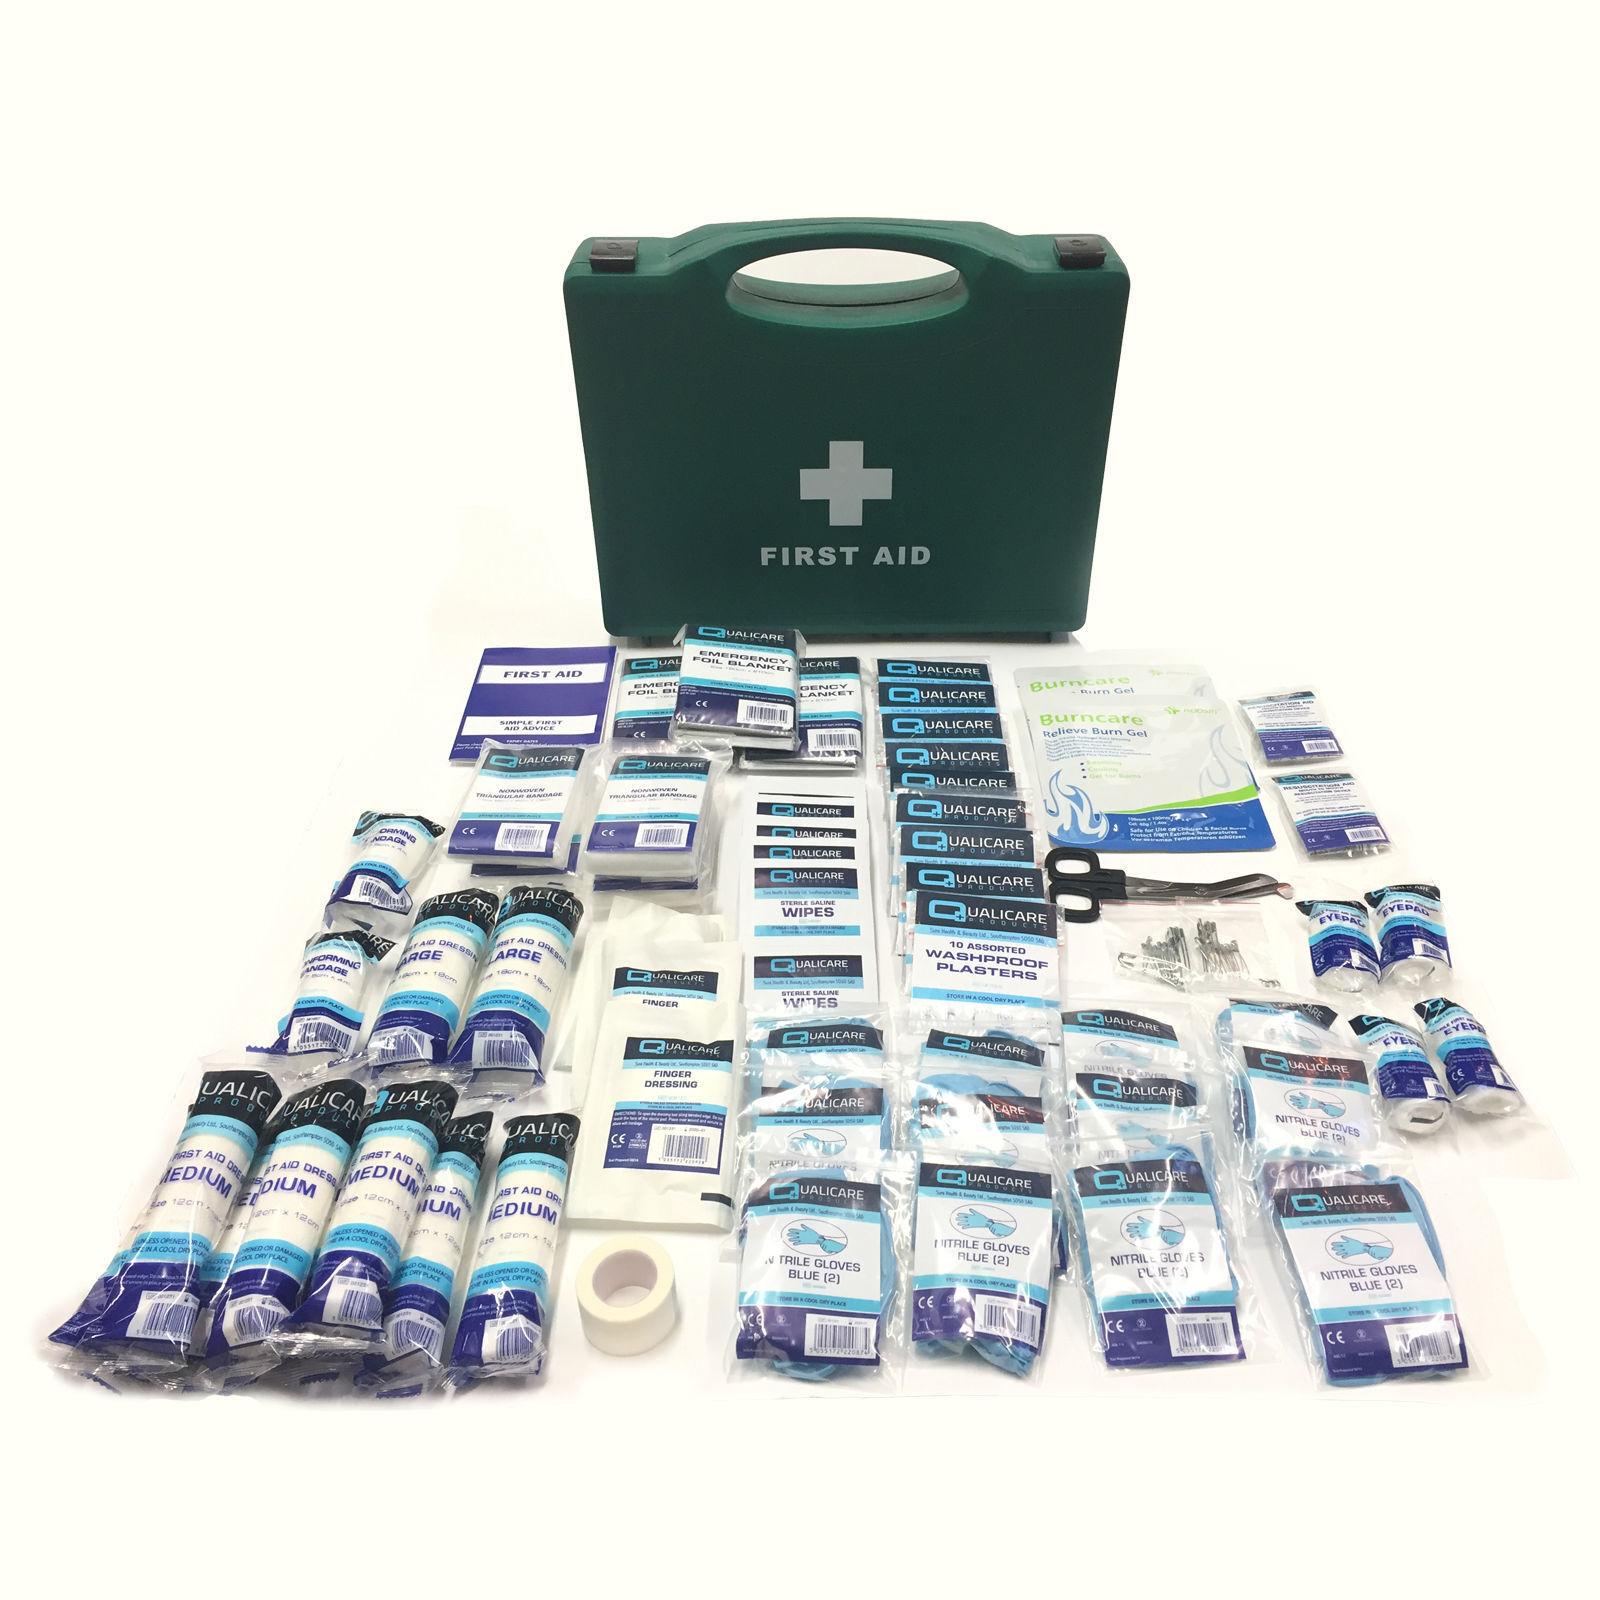 Grand médical bureau maison atelier Essentiel BSI qualité complet first aid kit